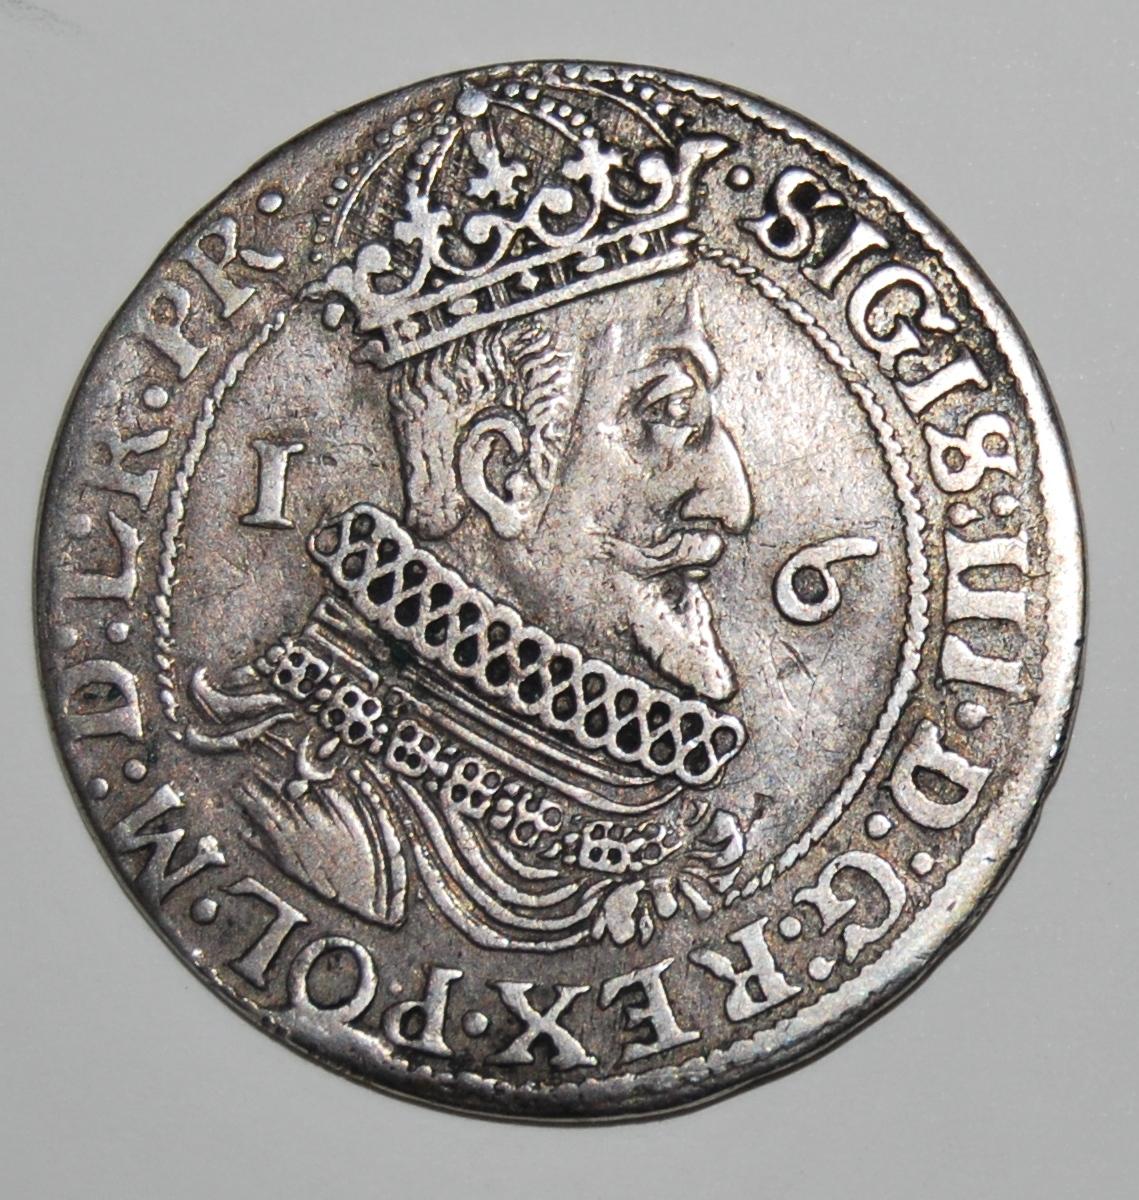 Moneta gdańska z wizerunkiem Zygmunta III_fot W.Kalwat.JPG